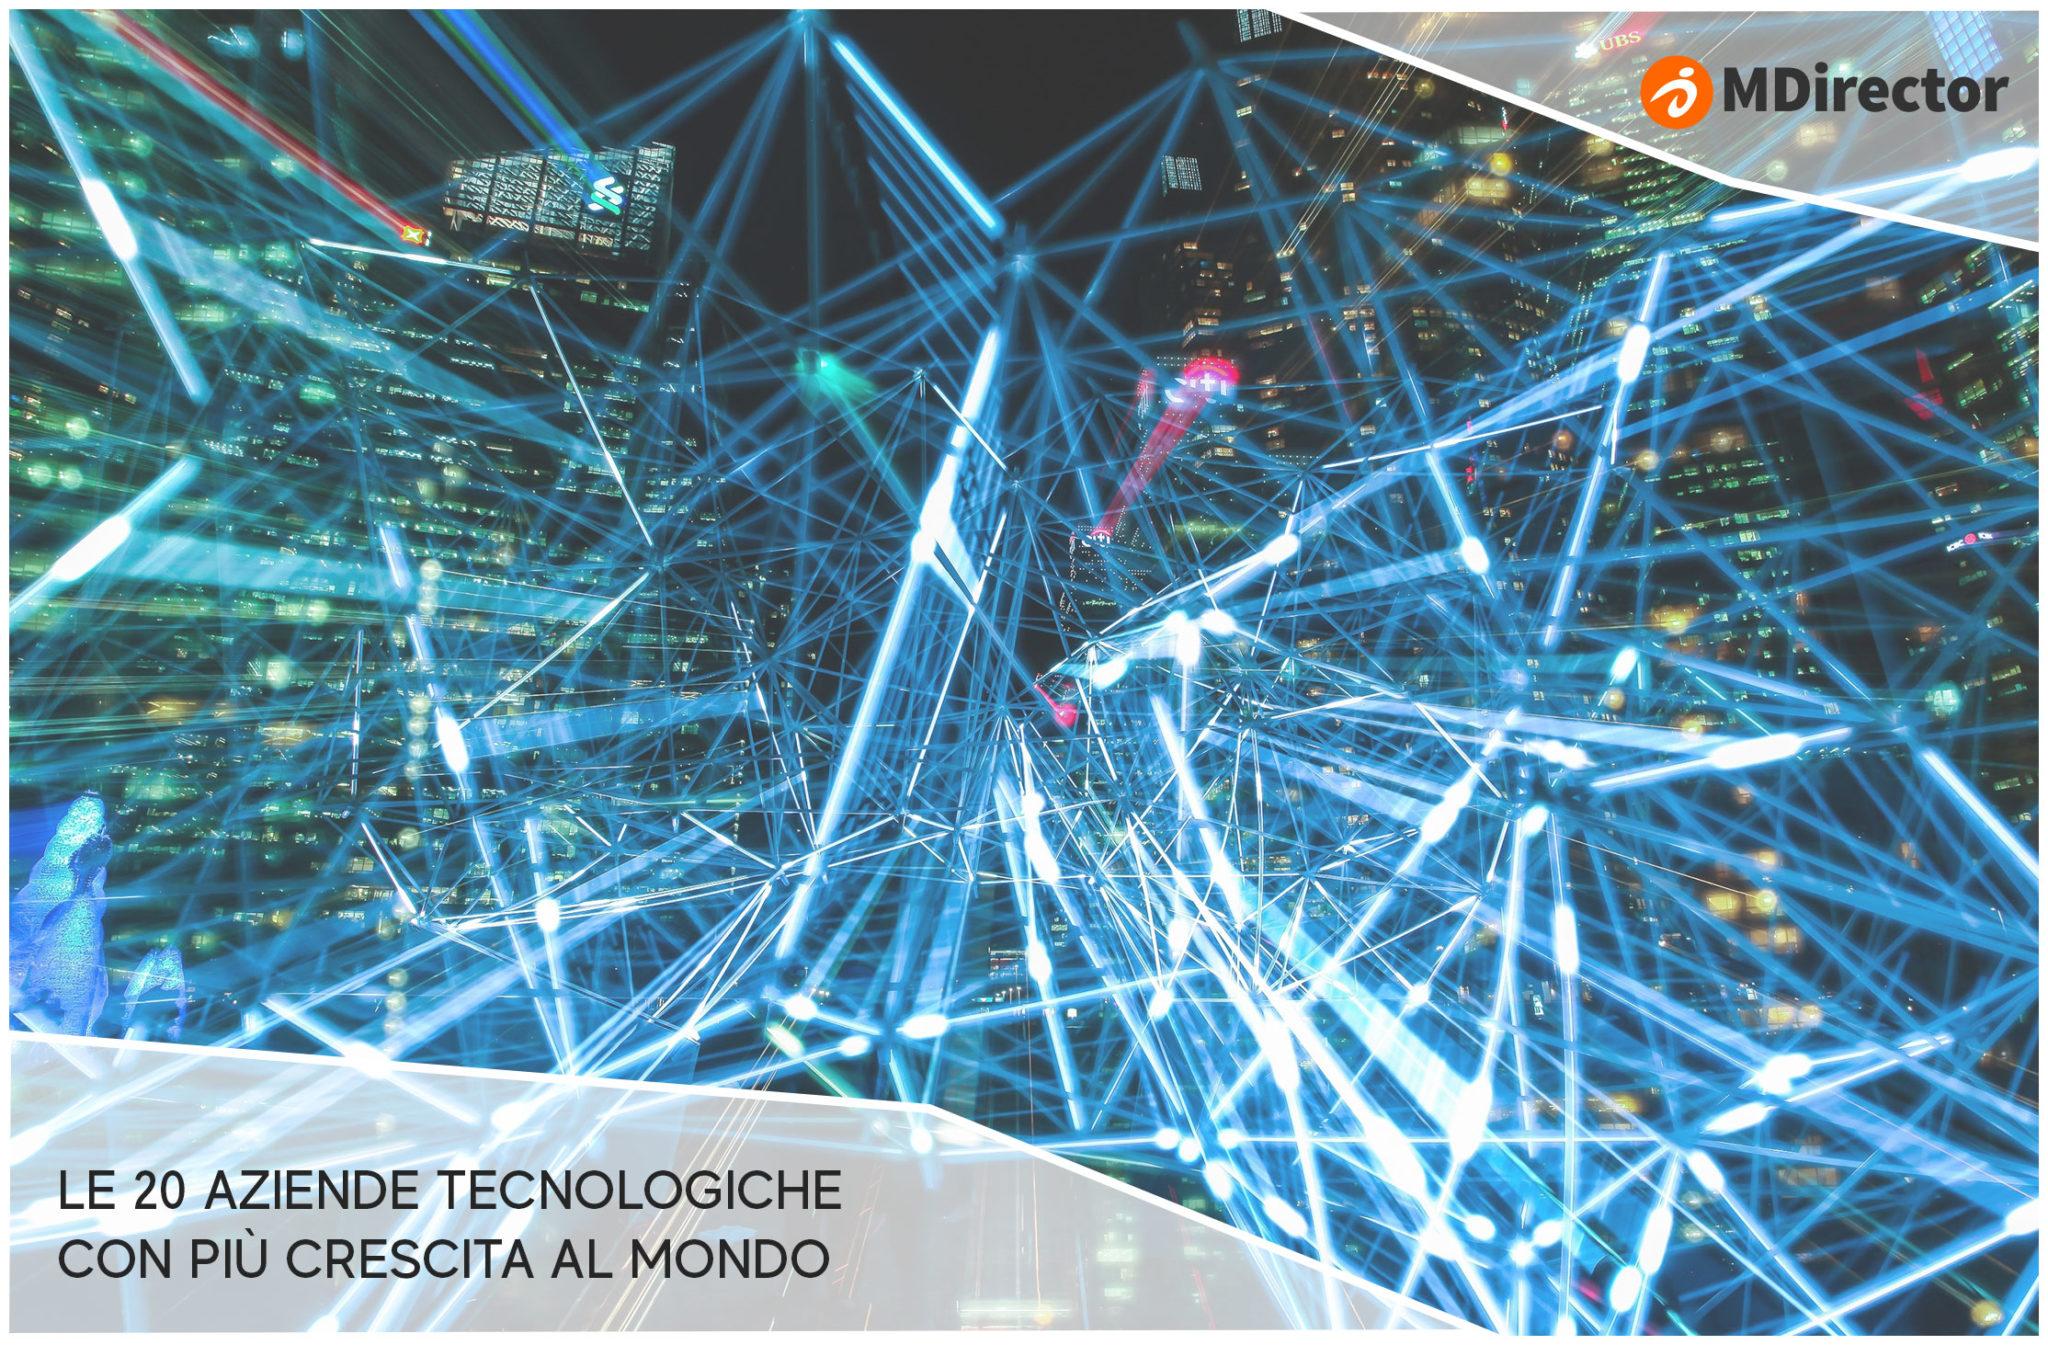 aziende tecnologiche con più crescita